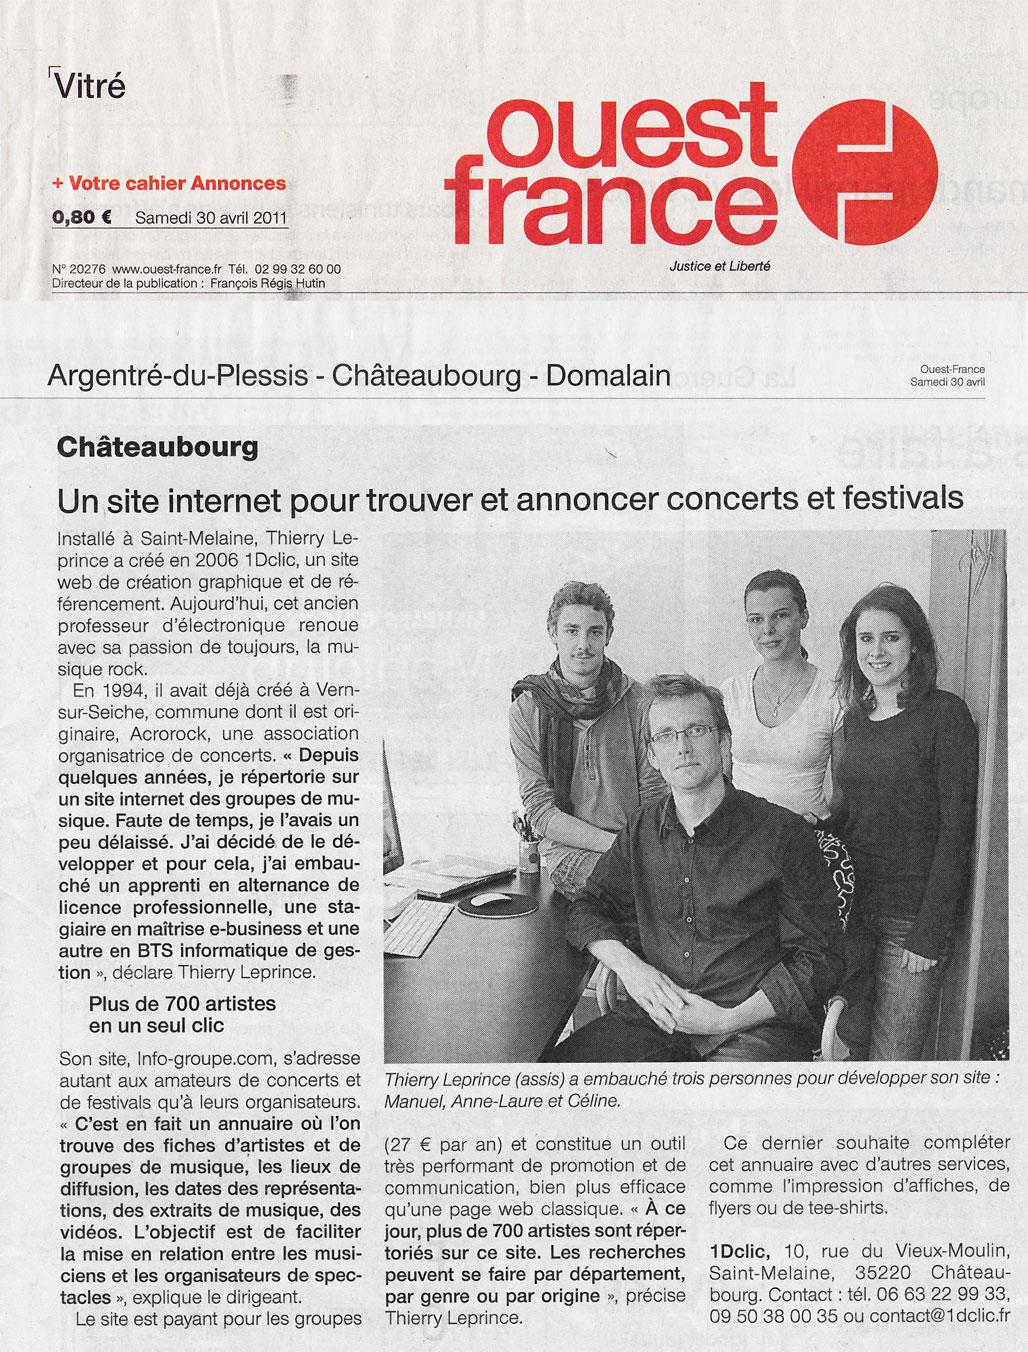 Articles presse à propos d'Info-Groupe.com